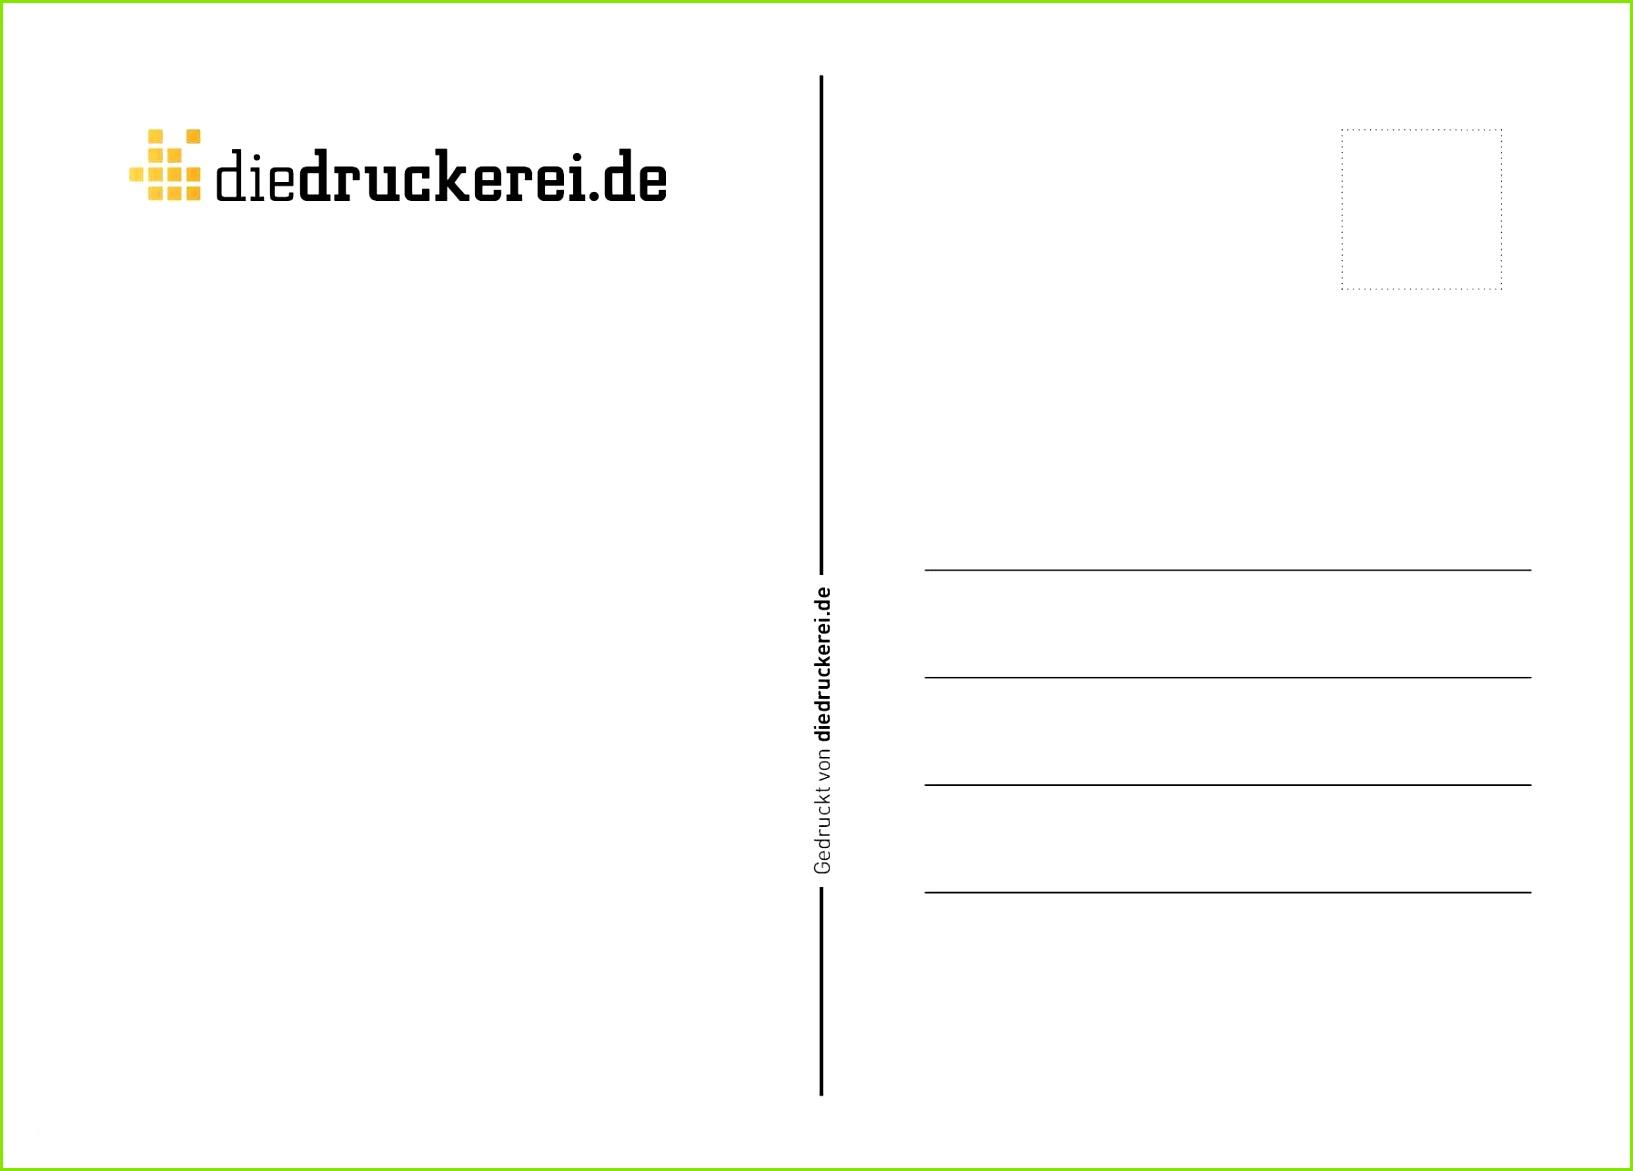 Postkarte Schreiben Vorlage Herunterladbare Postkarte Vorlage Schön Vorlage Postkarte Jetzt Herunterladen Media Editierbar Postkarte Schreiben